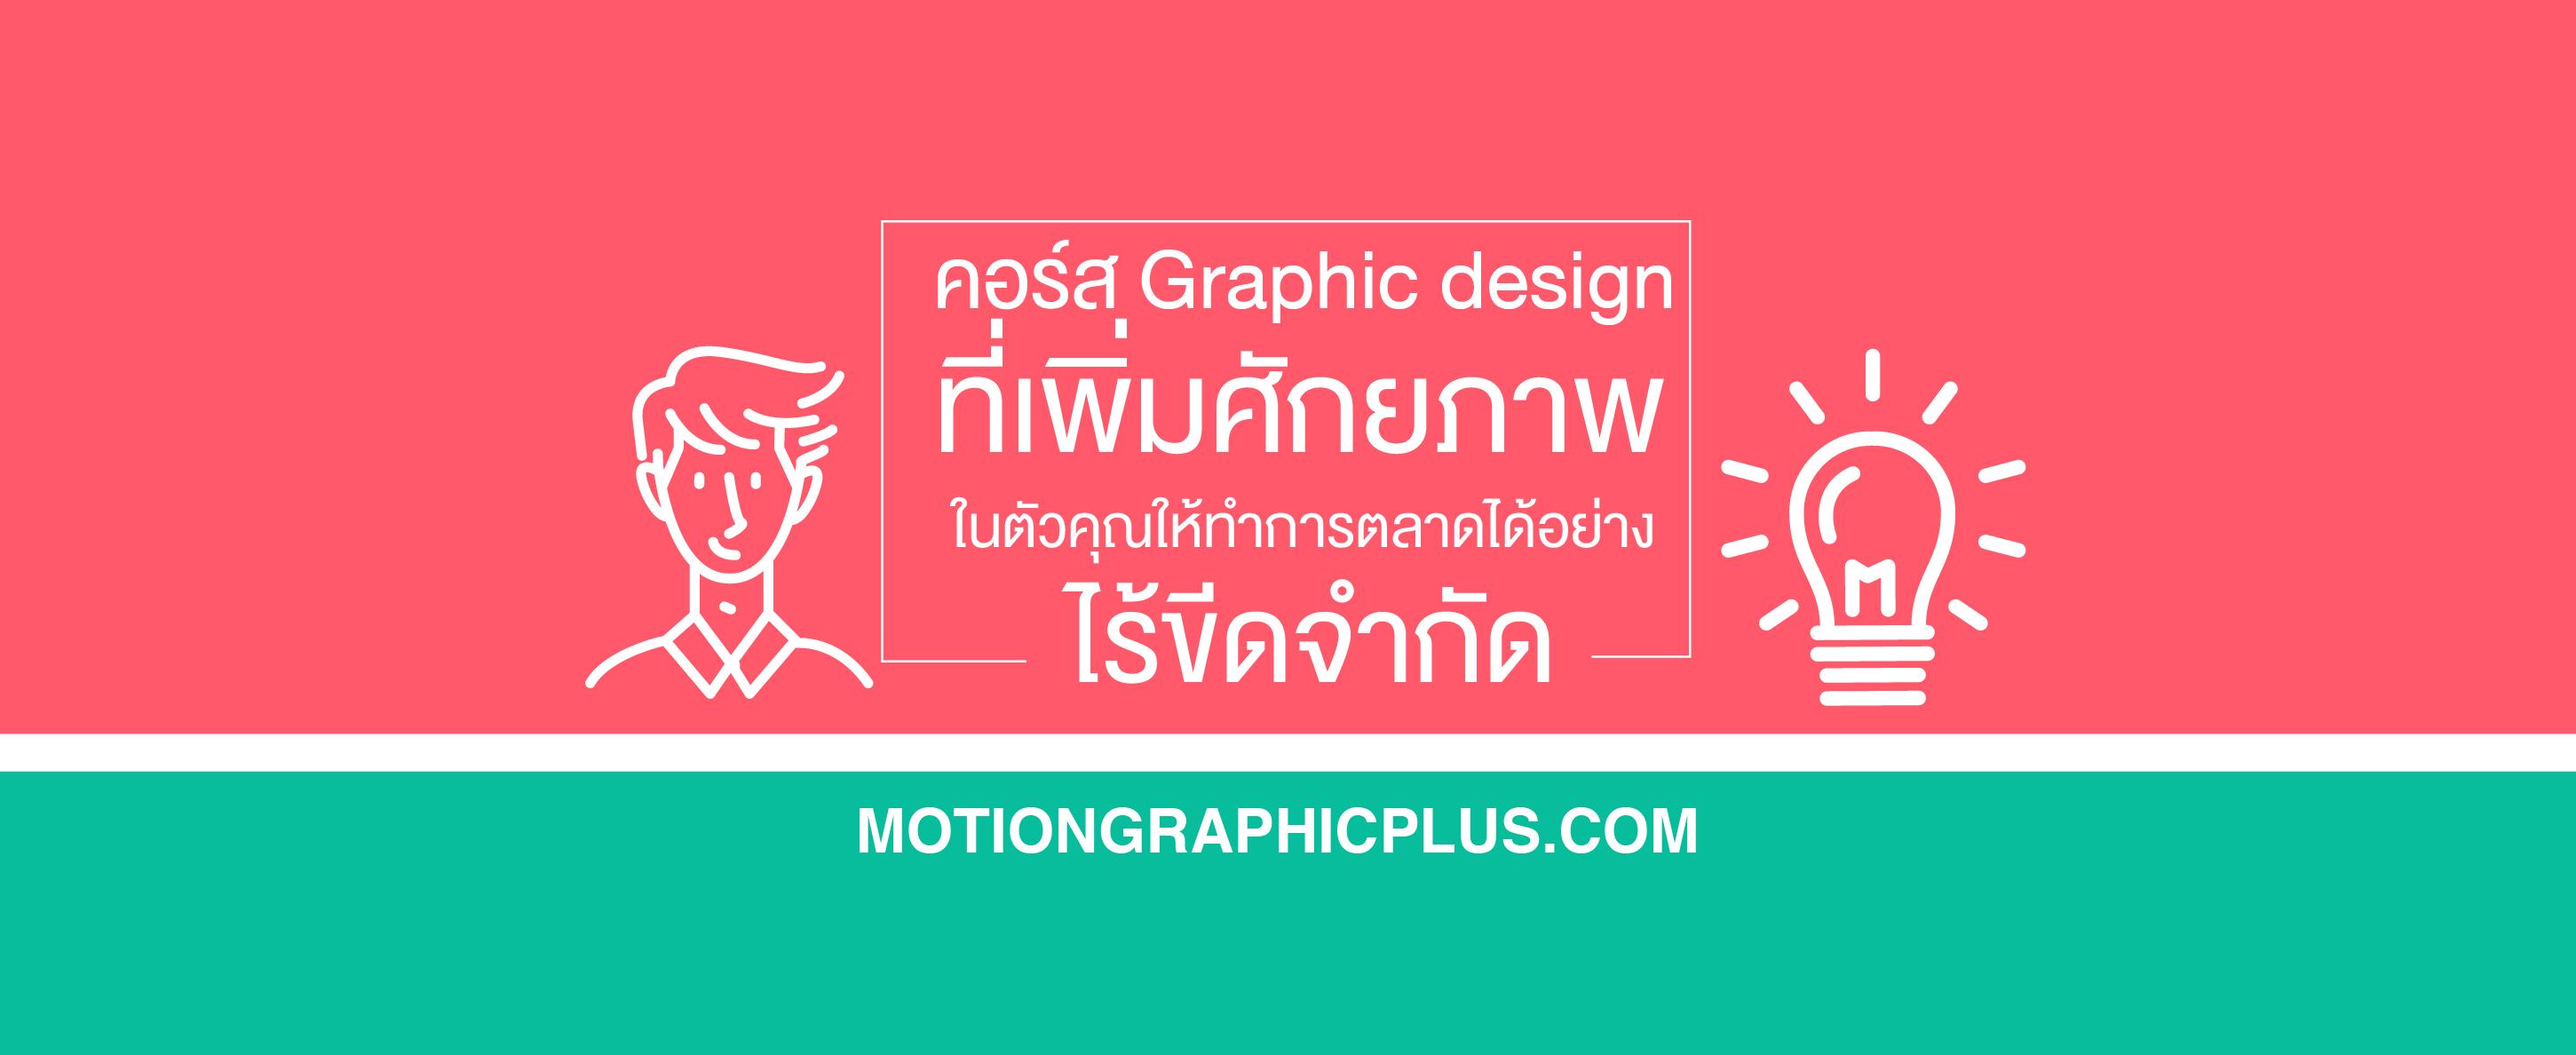 motiongraphicplus-dorcom-01